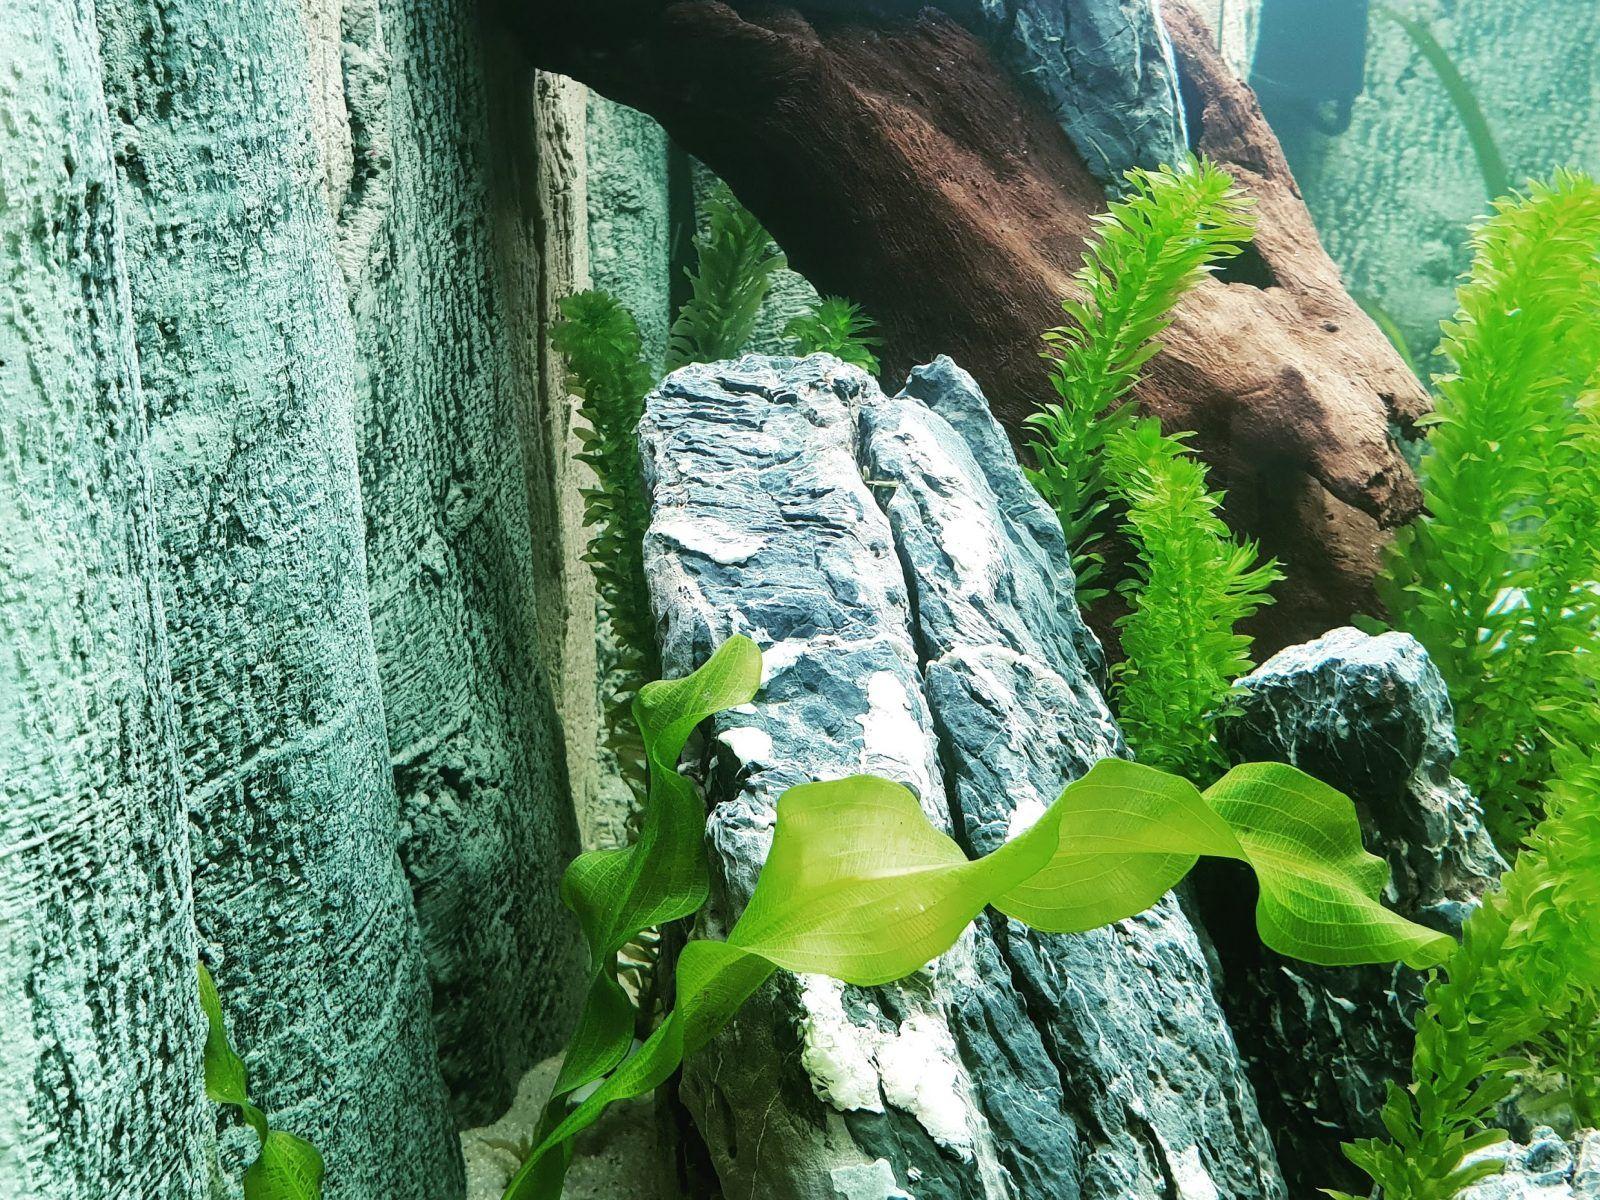 Wenn In Der Aquaristik Das Thema Ruckwand Ansteht Dann Ist Back To Nature Mit Sicherheit Teil Des Gesprachs Das Kommt Nicht Von Irgendwoh Ruckwand Back To Nature Und Amazonas